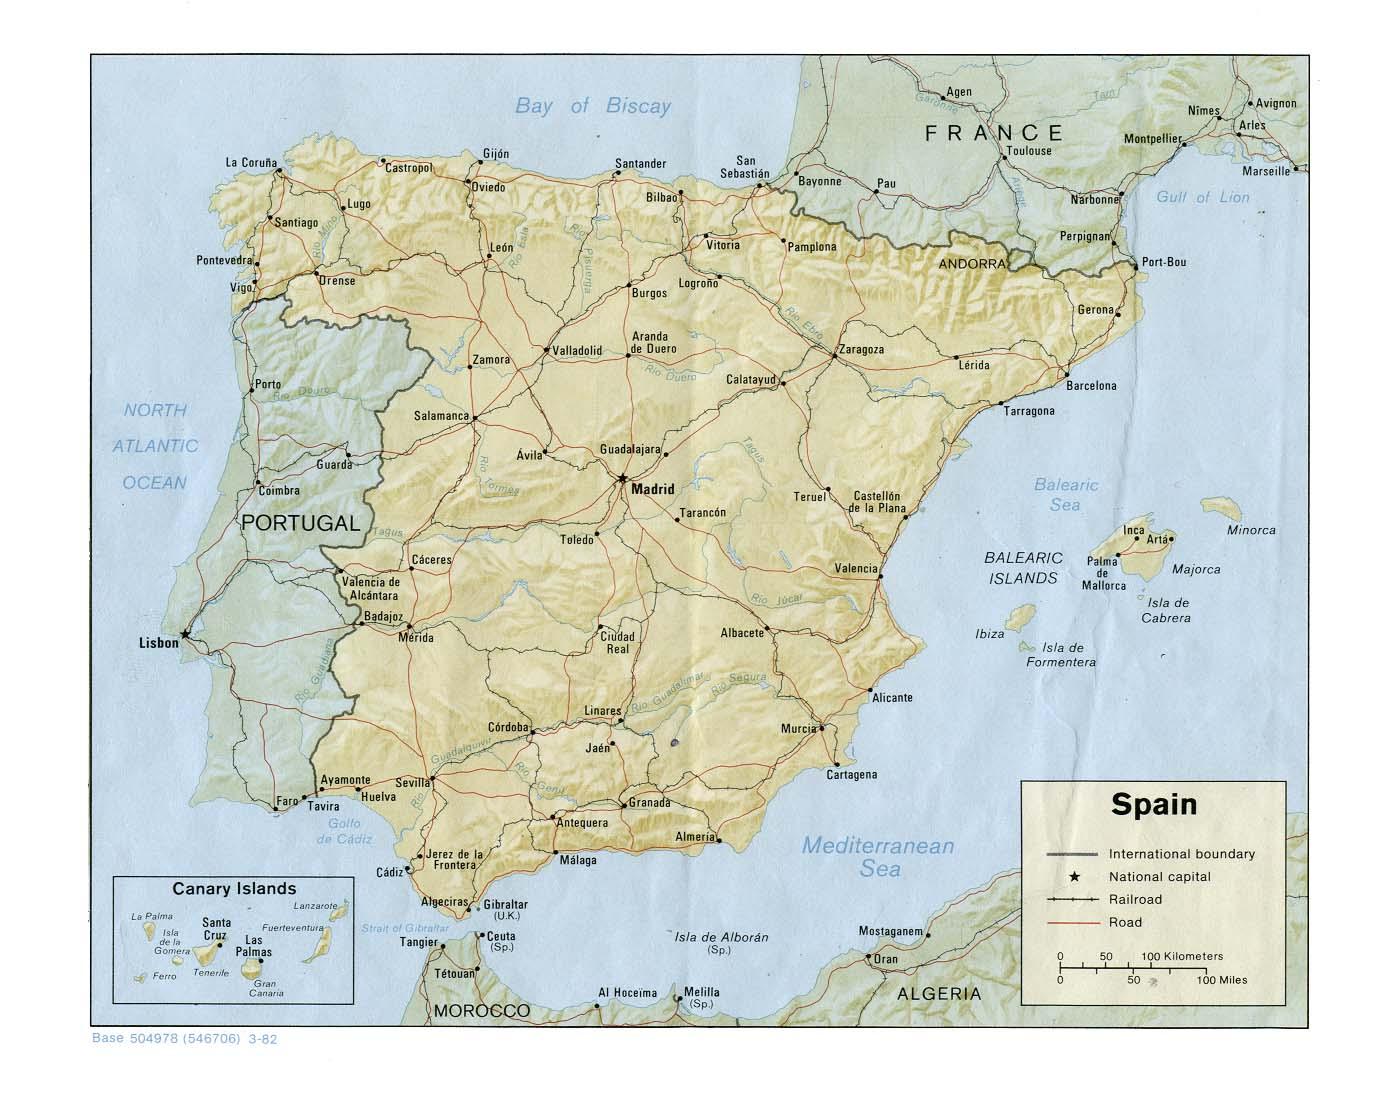 Malaga Karte Spanien.Telefonbuch Spanien Online Telefonvorwahl Telefonnummern